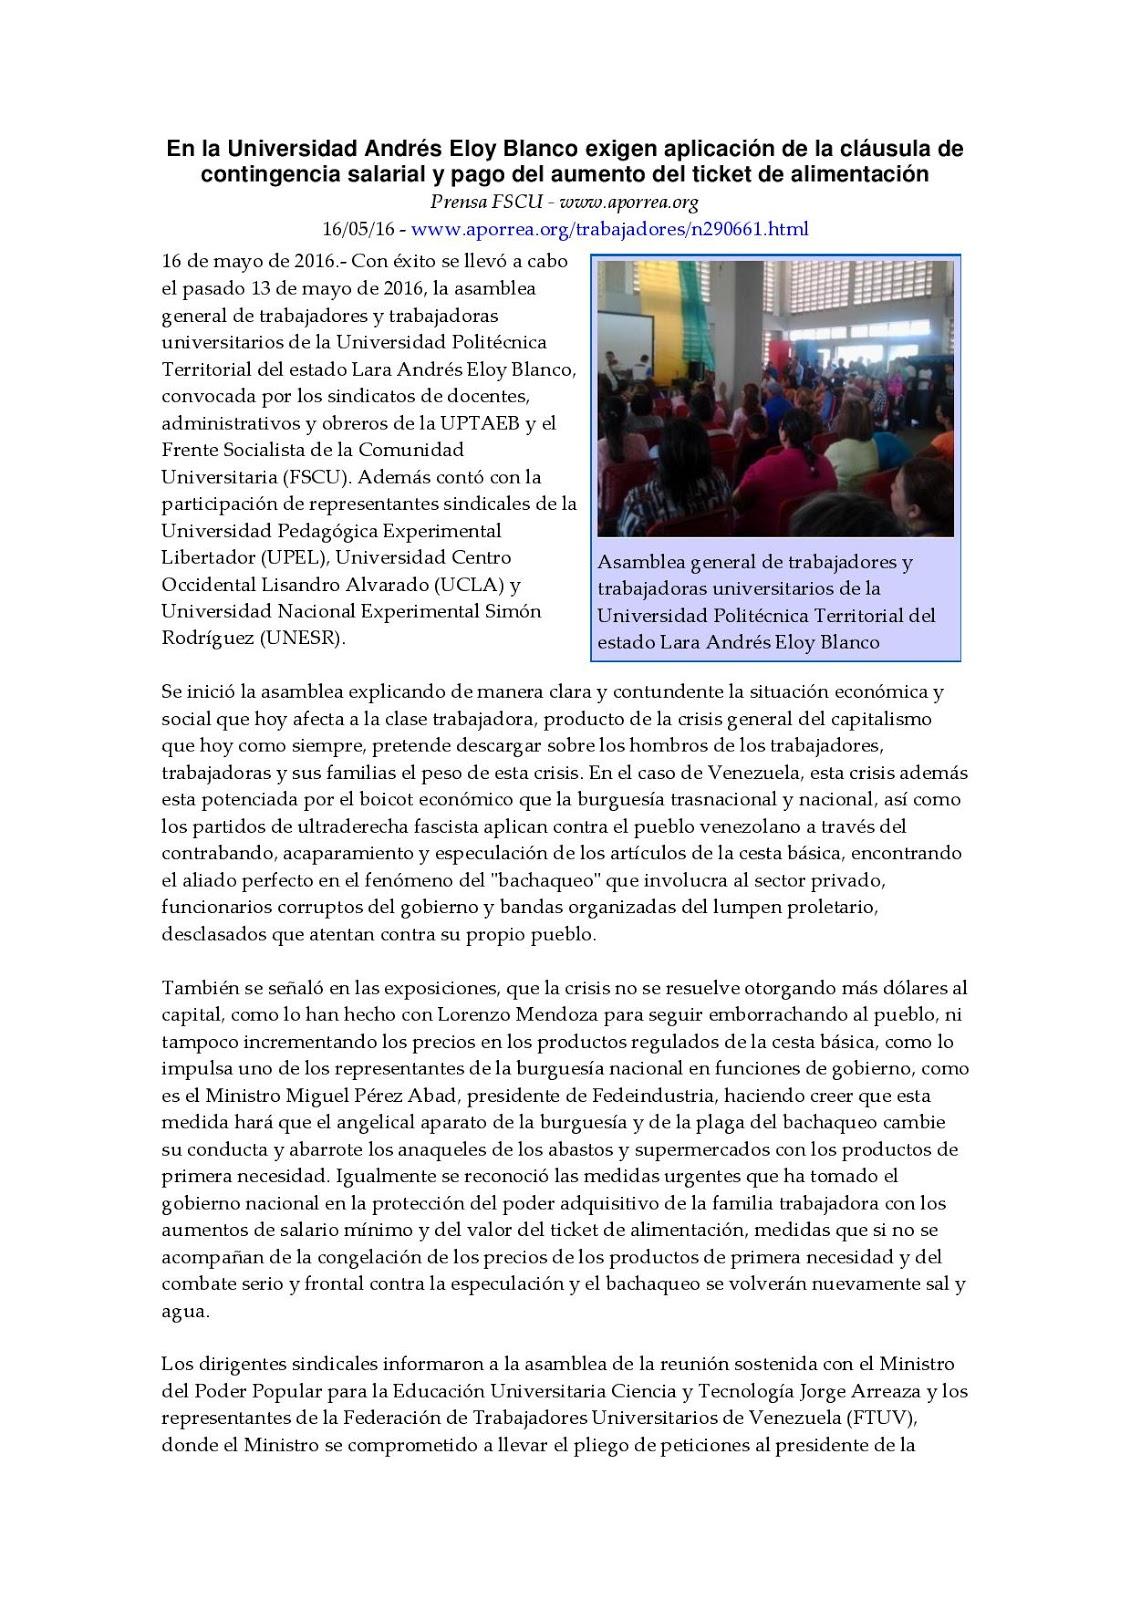 En la universidad andr s eloy blanco exigen aplicaci n de la cl usula de contingencia salarial y pago del aumento del ticket de alimentaci n